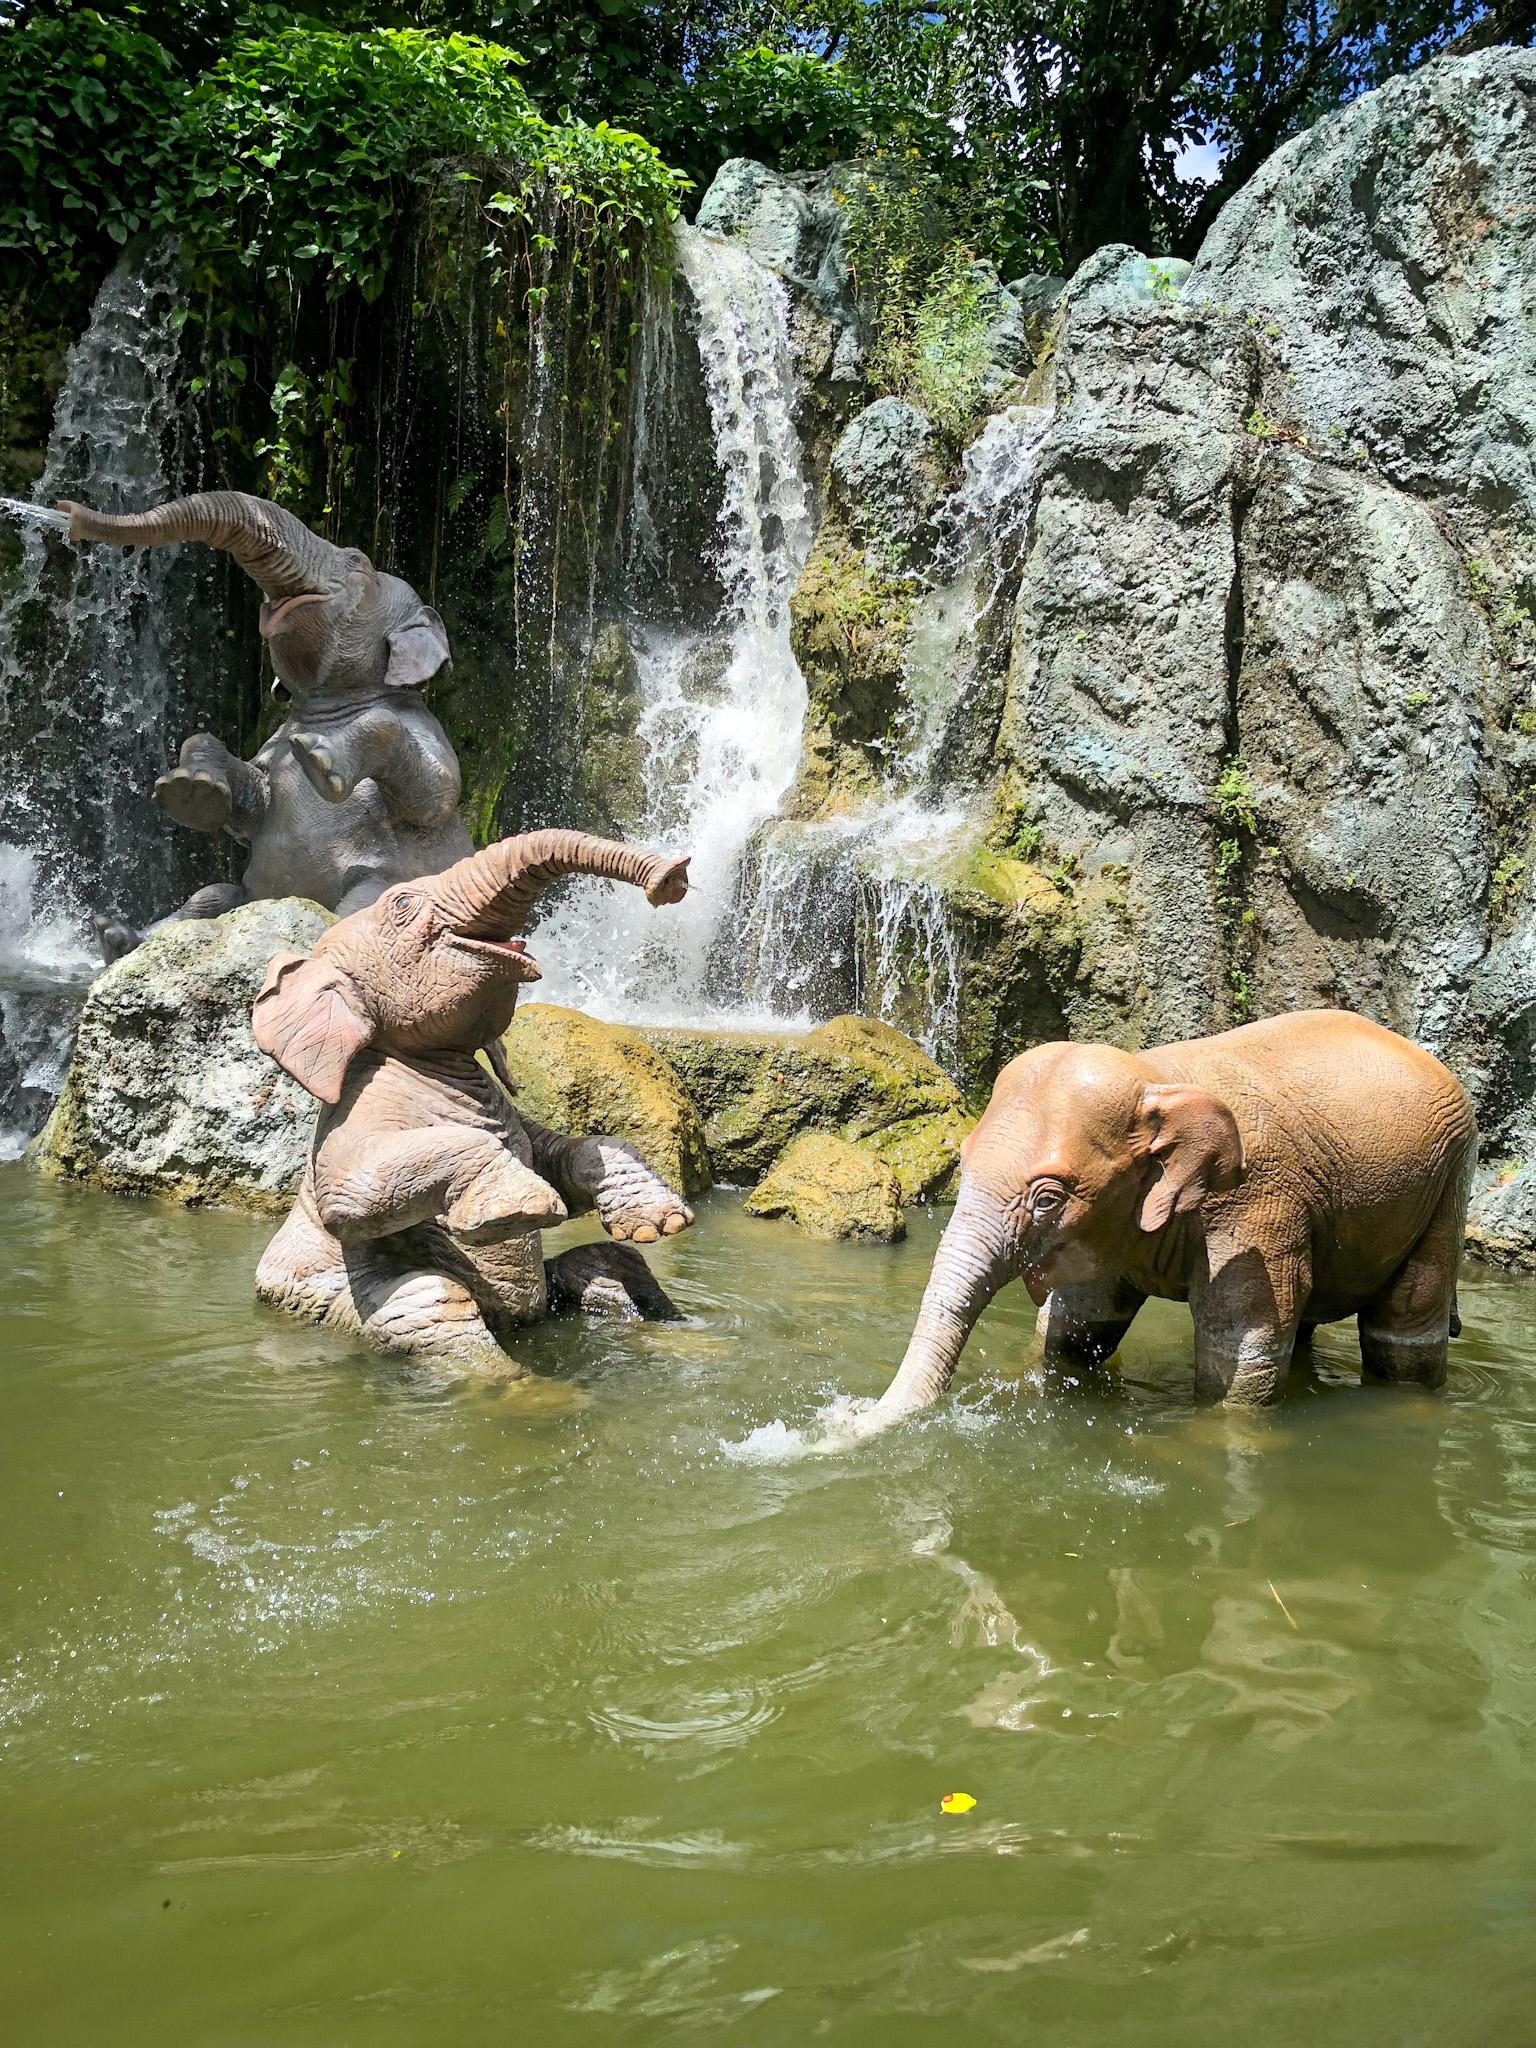 Three elephant animatronics in the water